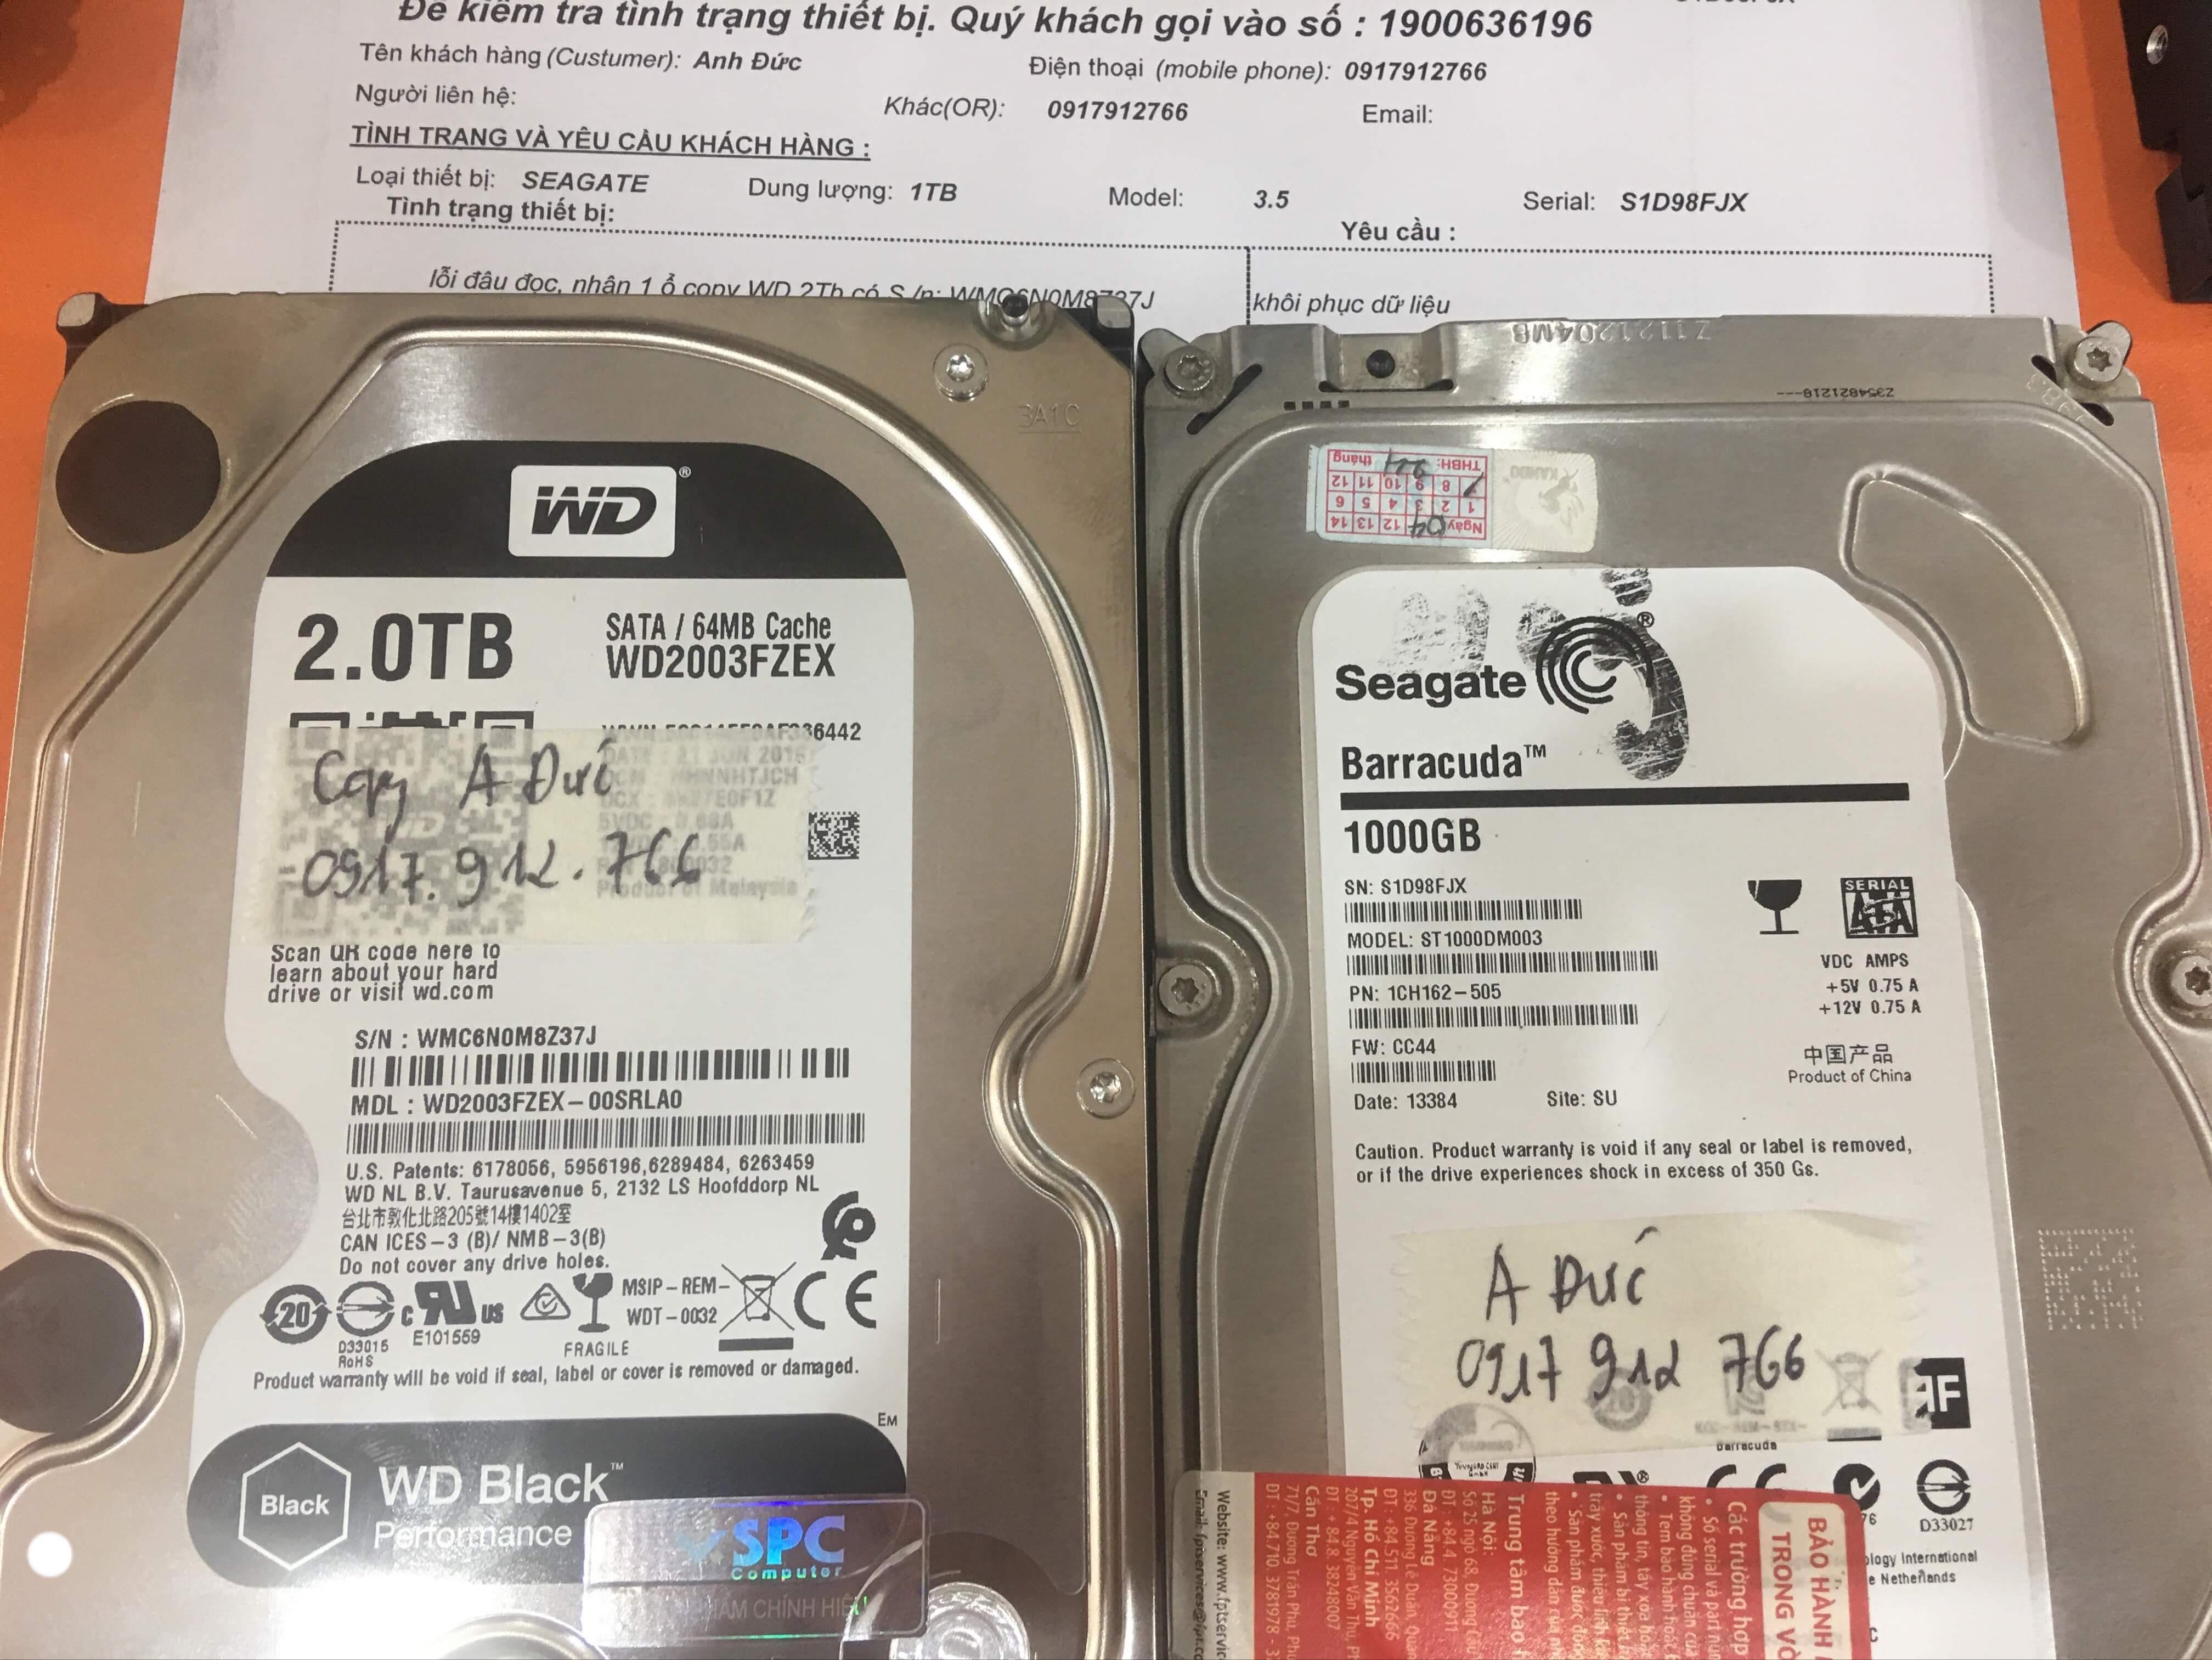 Phục hồi dữ liệu ổ cứng Seagate 1TB lỗi đầu đọc 16/10/2019 - cuumaytinh